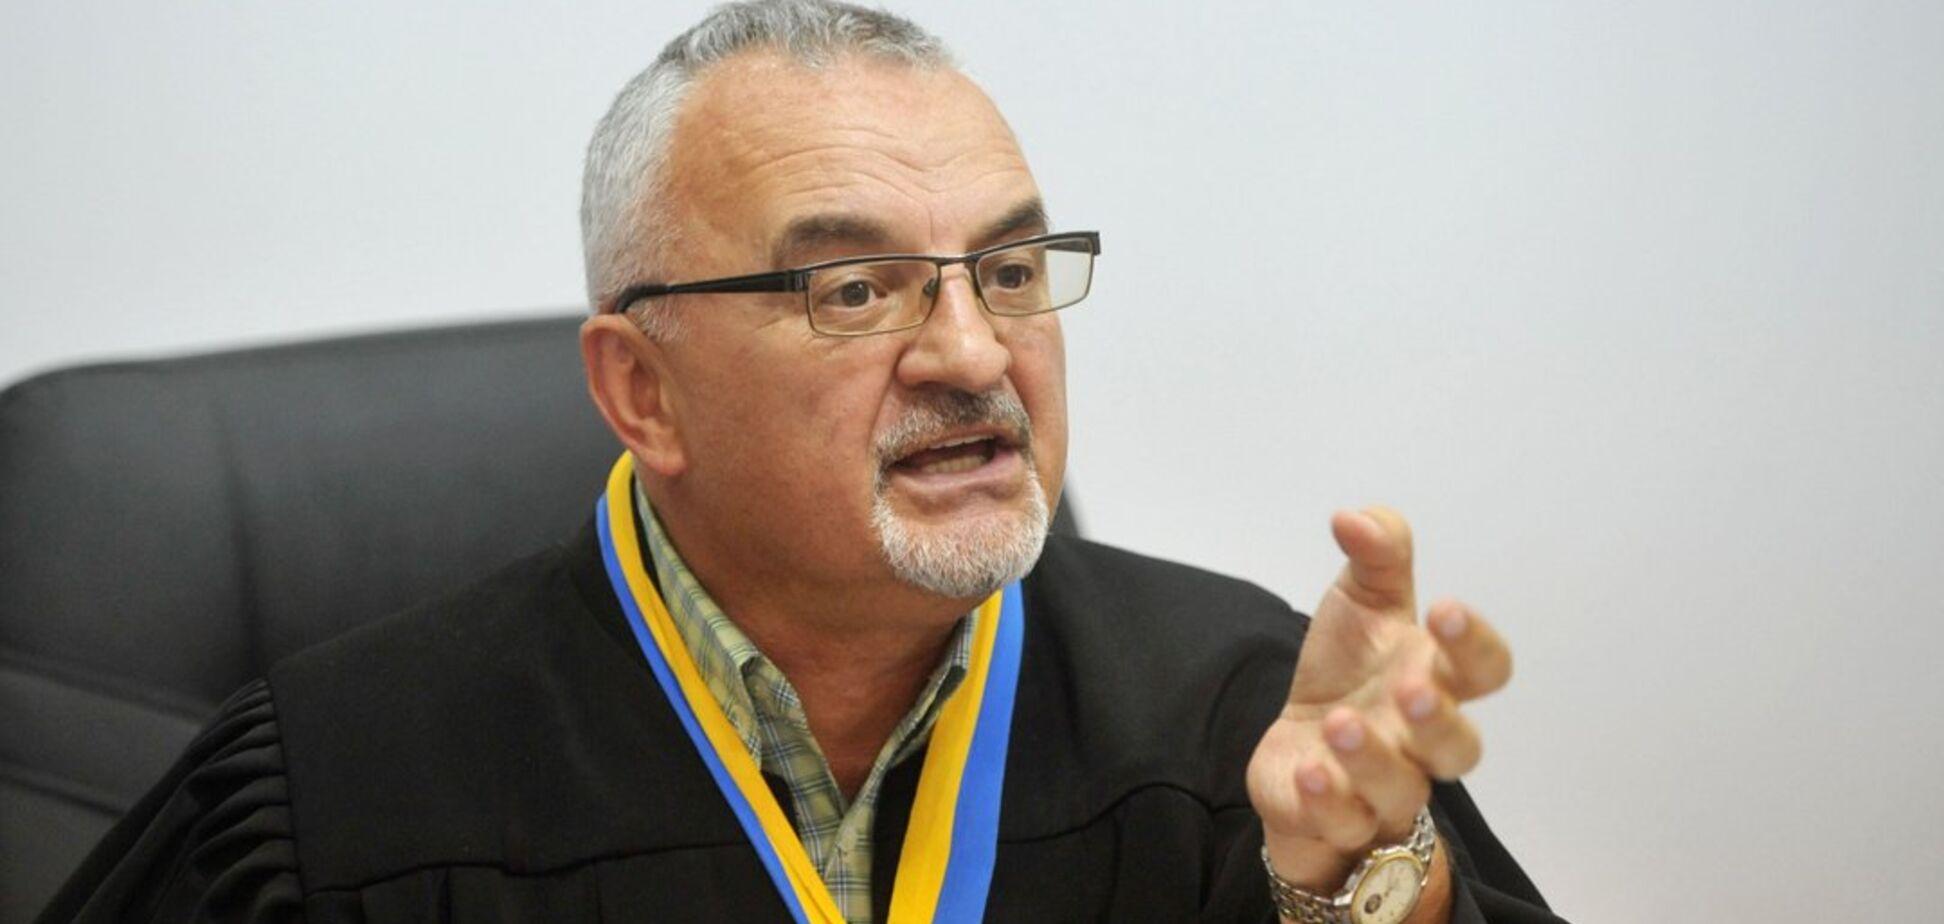 Убийство Бузины: дело доверили судье, отпустившему главаря 'титушек'